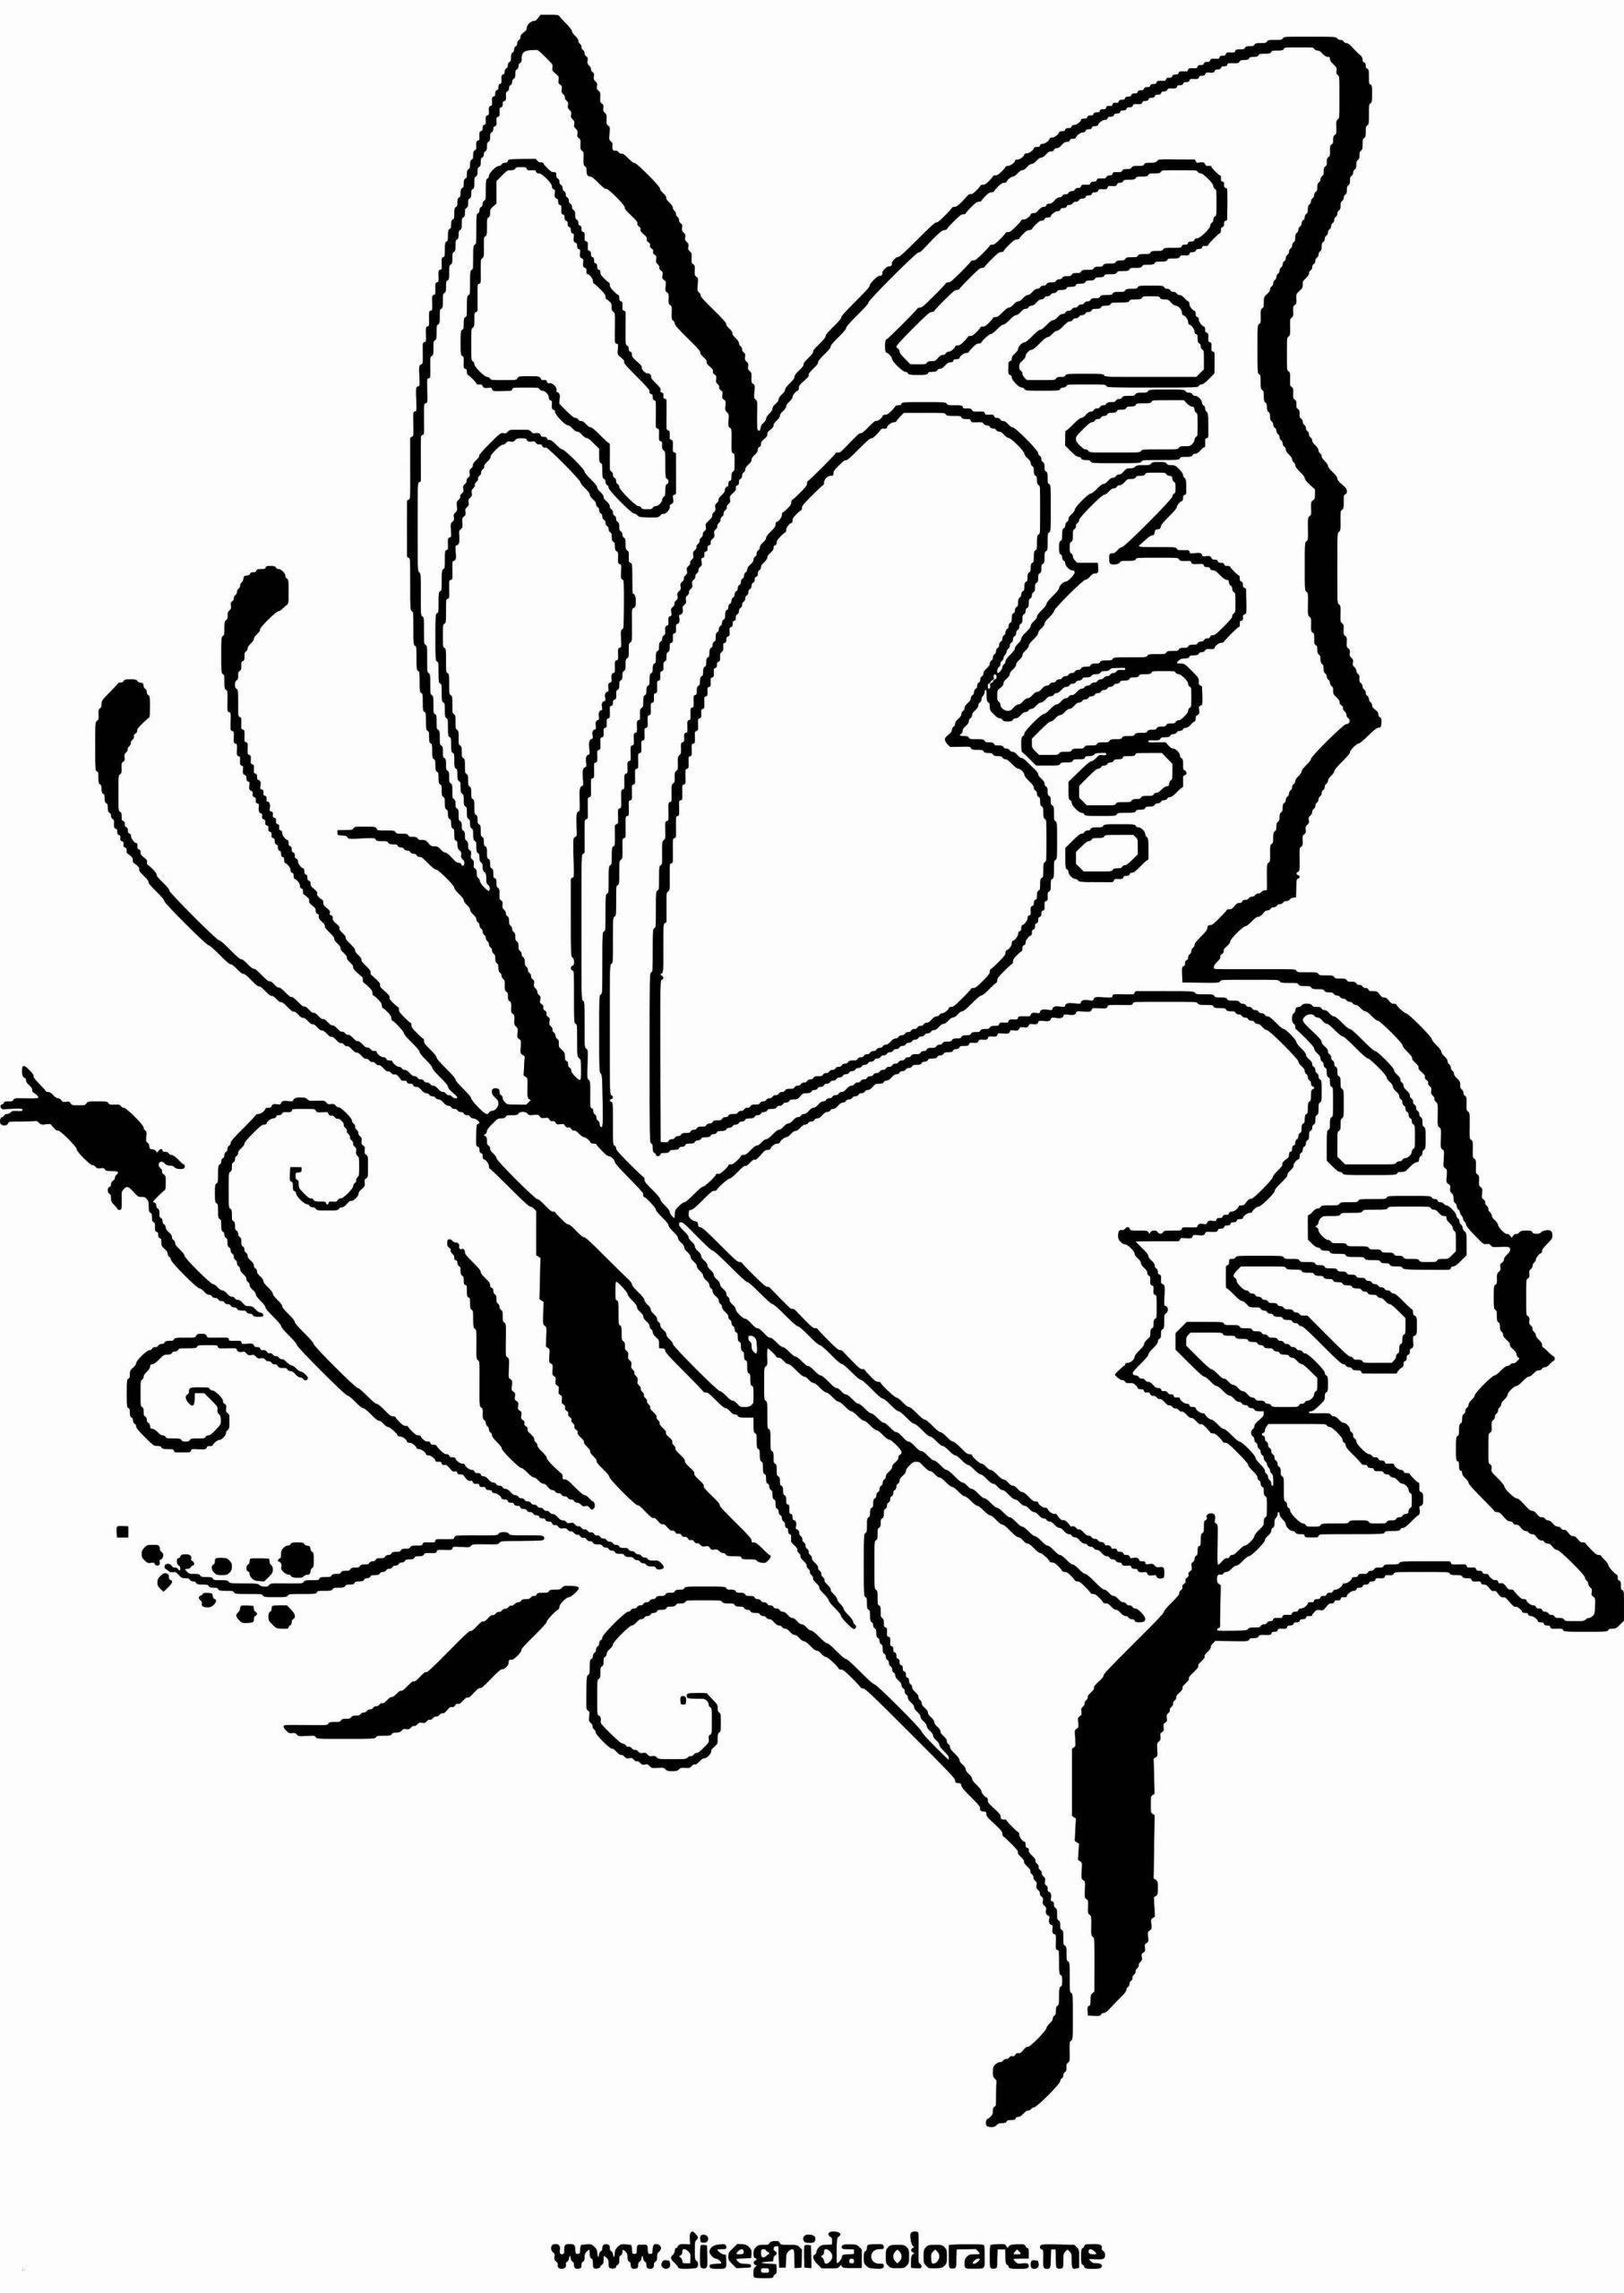 61 Schön Ausmalbilder Schmetterling Kostenlos Ausdrucken ganzes Schablone Schmetterling Kostenlos